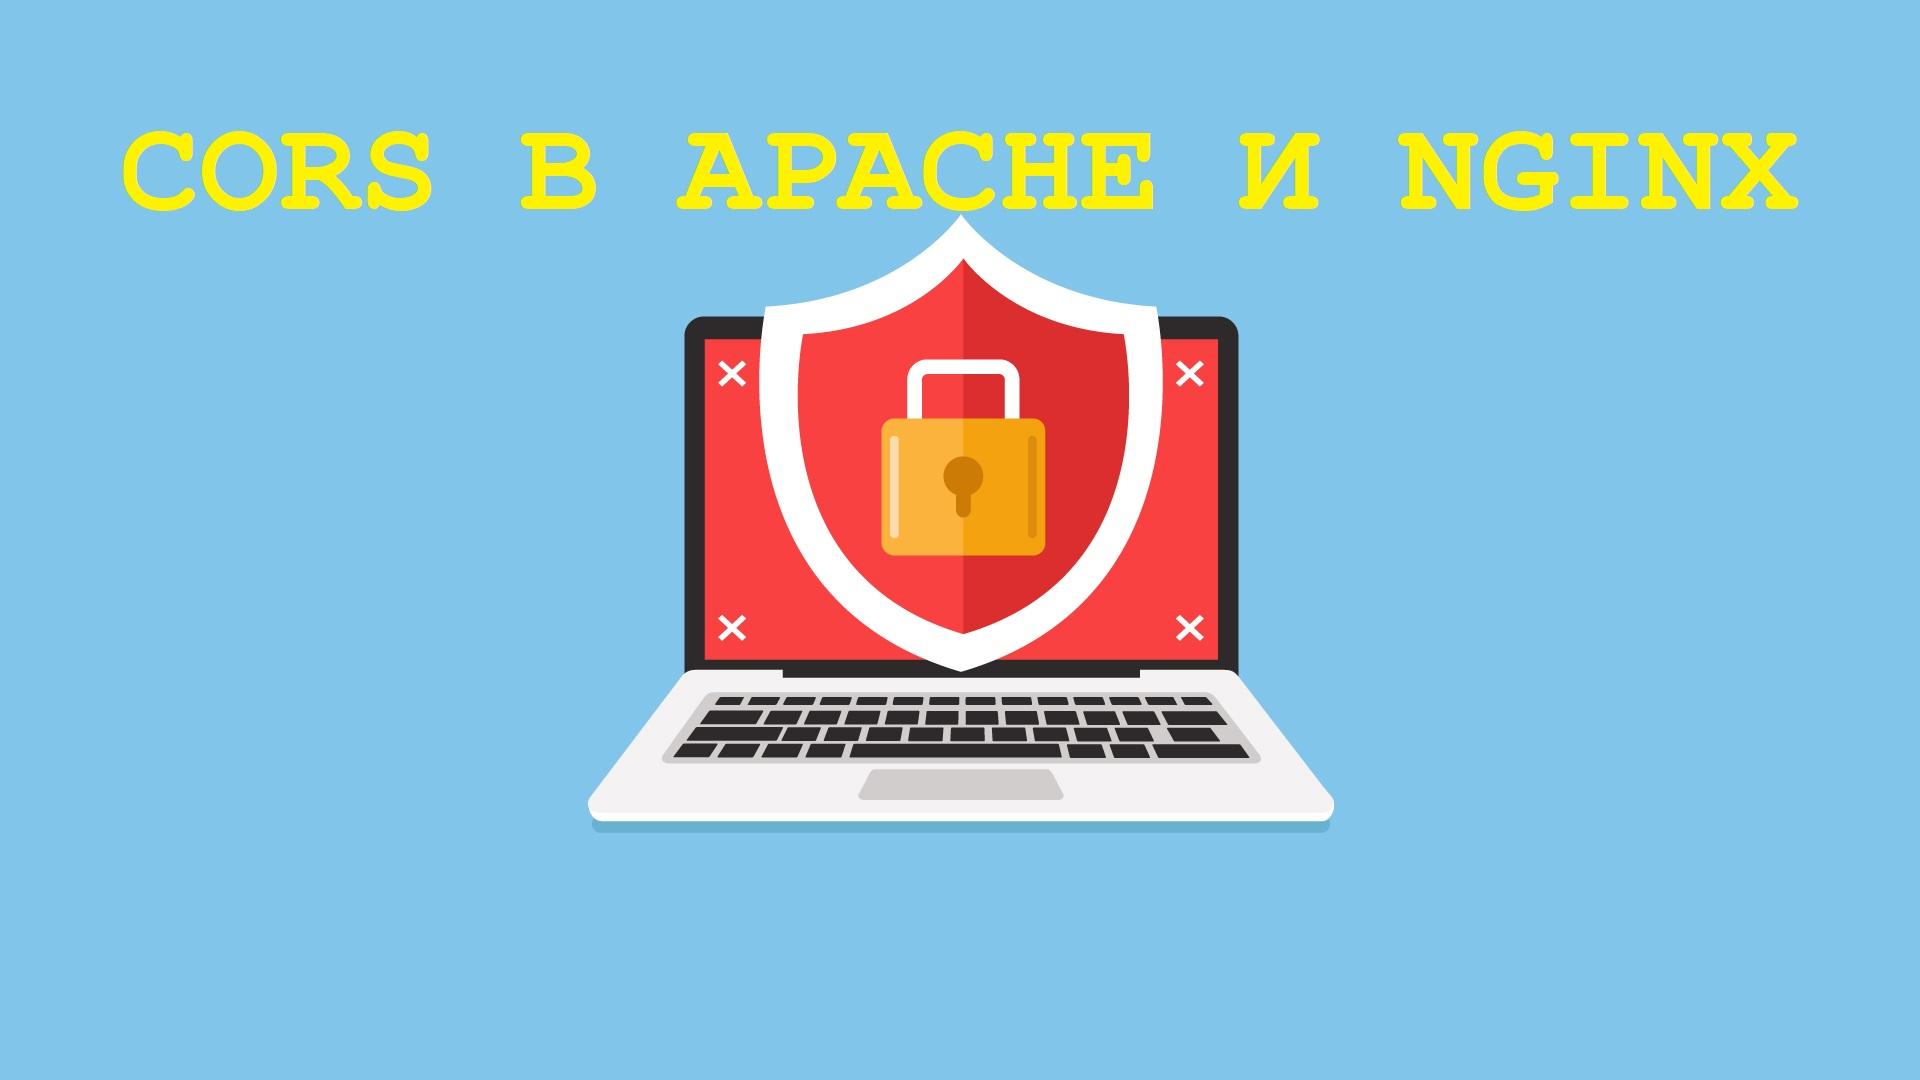 ⚡ Как включить CORS в Apache и Nginx?